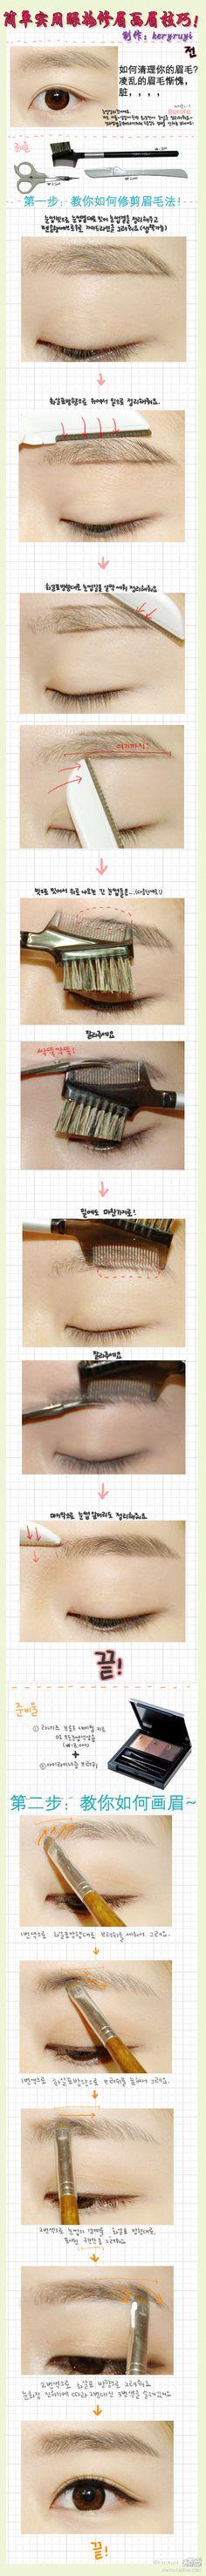 小心机让眼睛放大N倍 - 顽兔。 korean eyebrow tutorial.   ☀️ #ClassyLadyEntrepreneur️www.SkincareInKorea.info